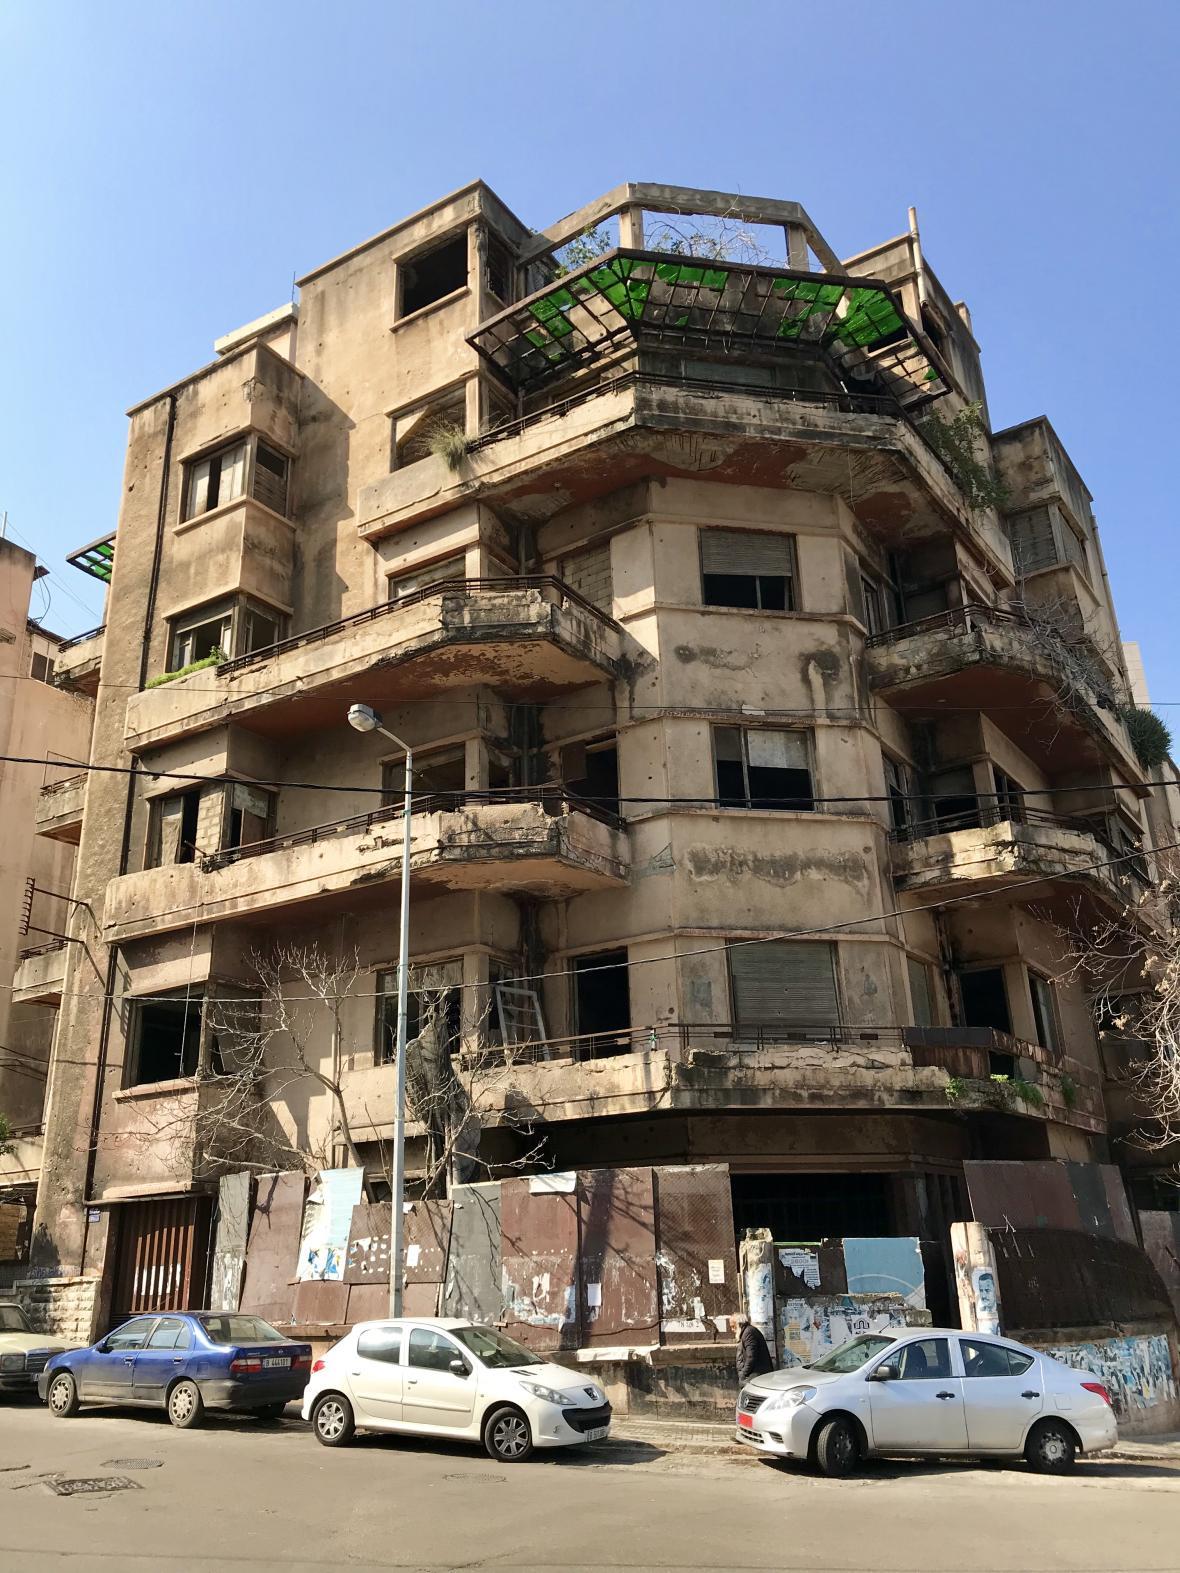 Jeden z chátrajících domů u centra Bejrútu